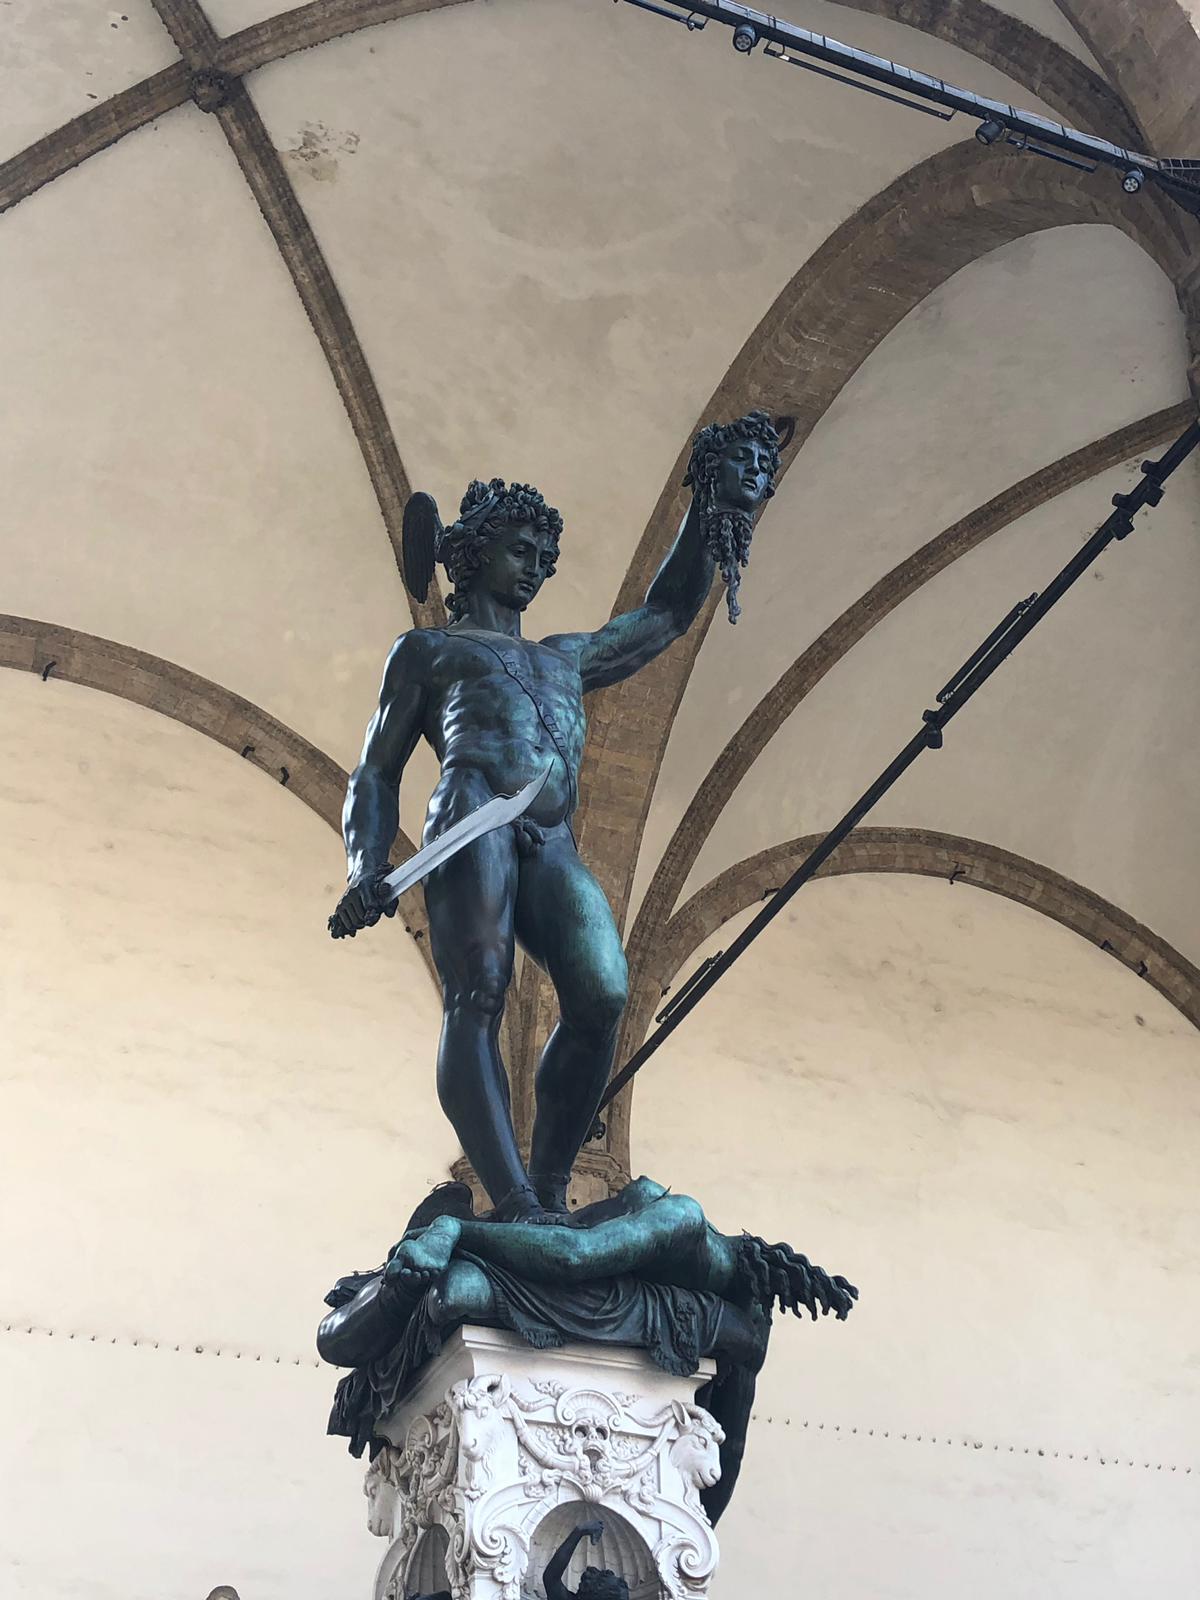 Perseus in the Piazza Della Signoria